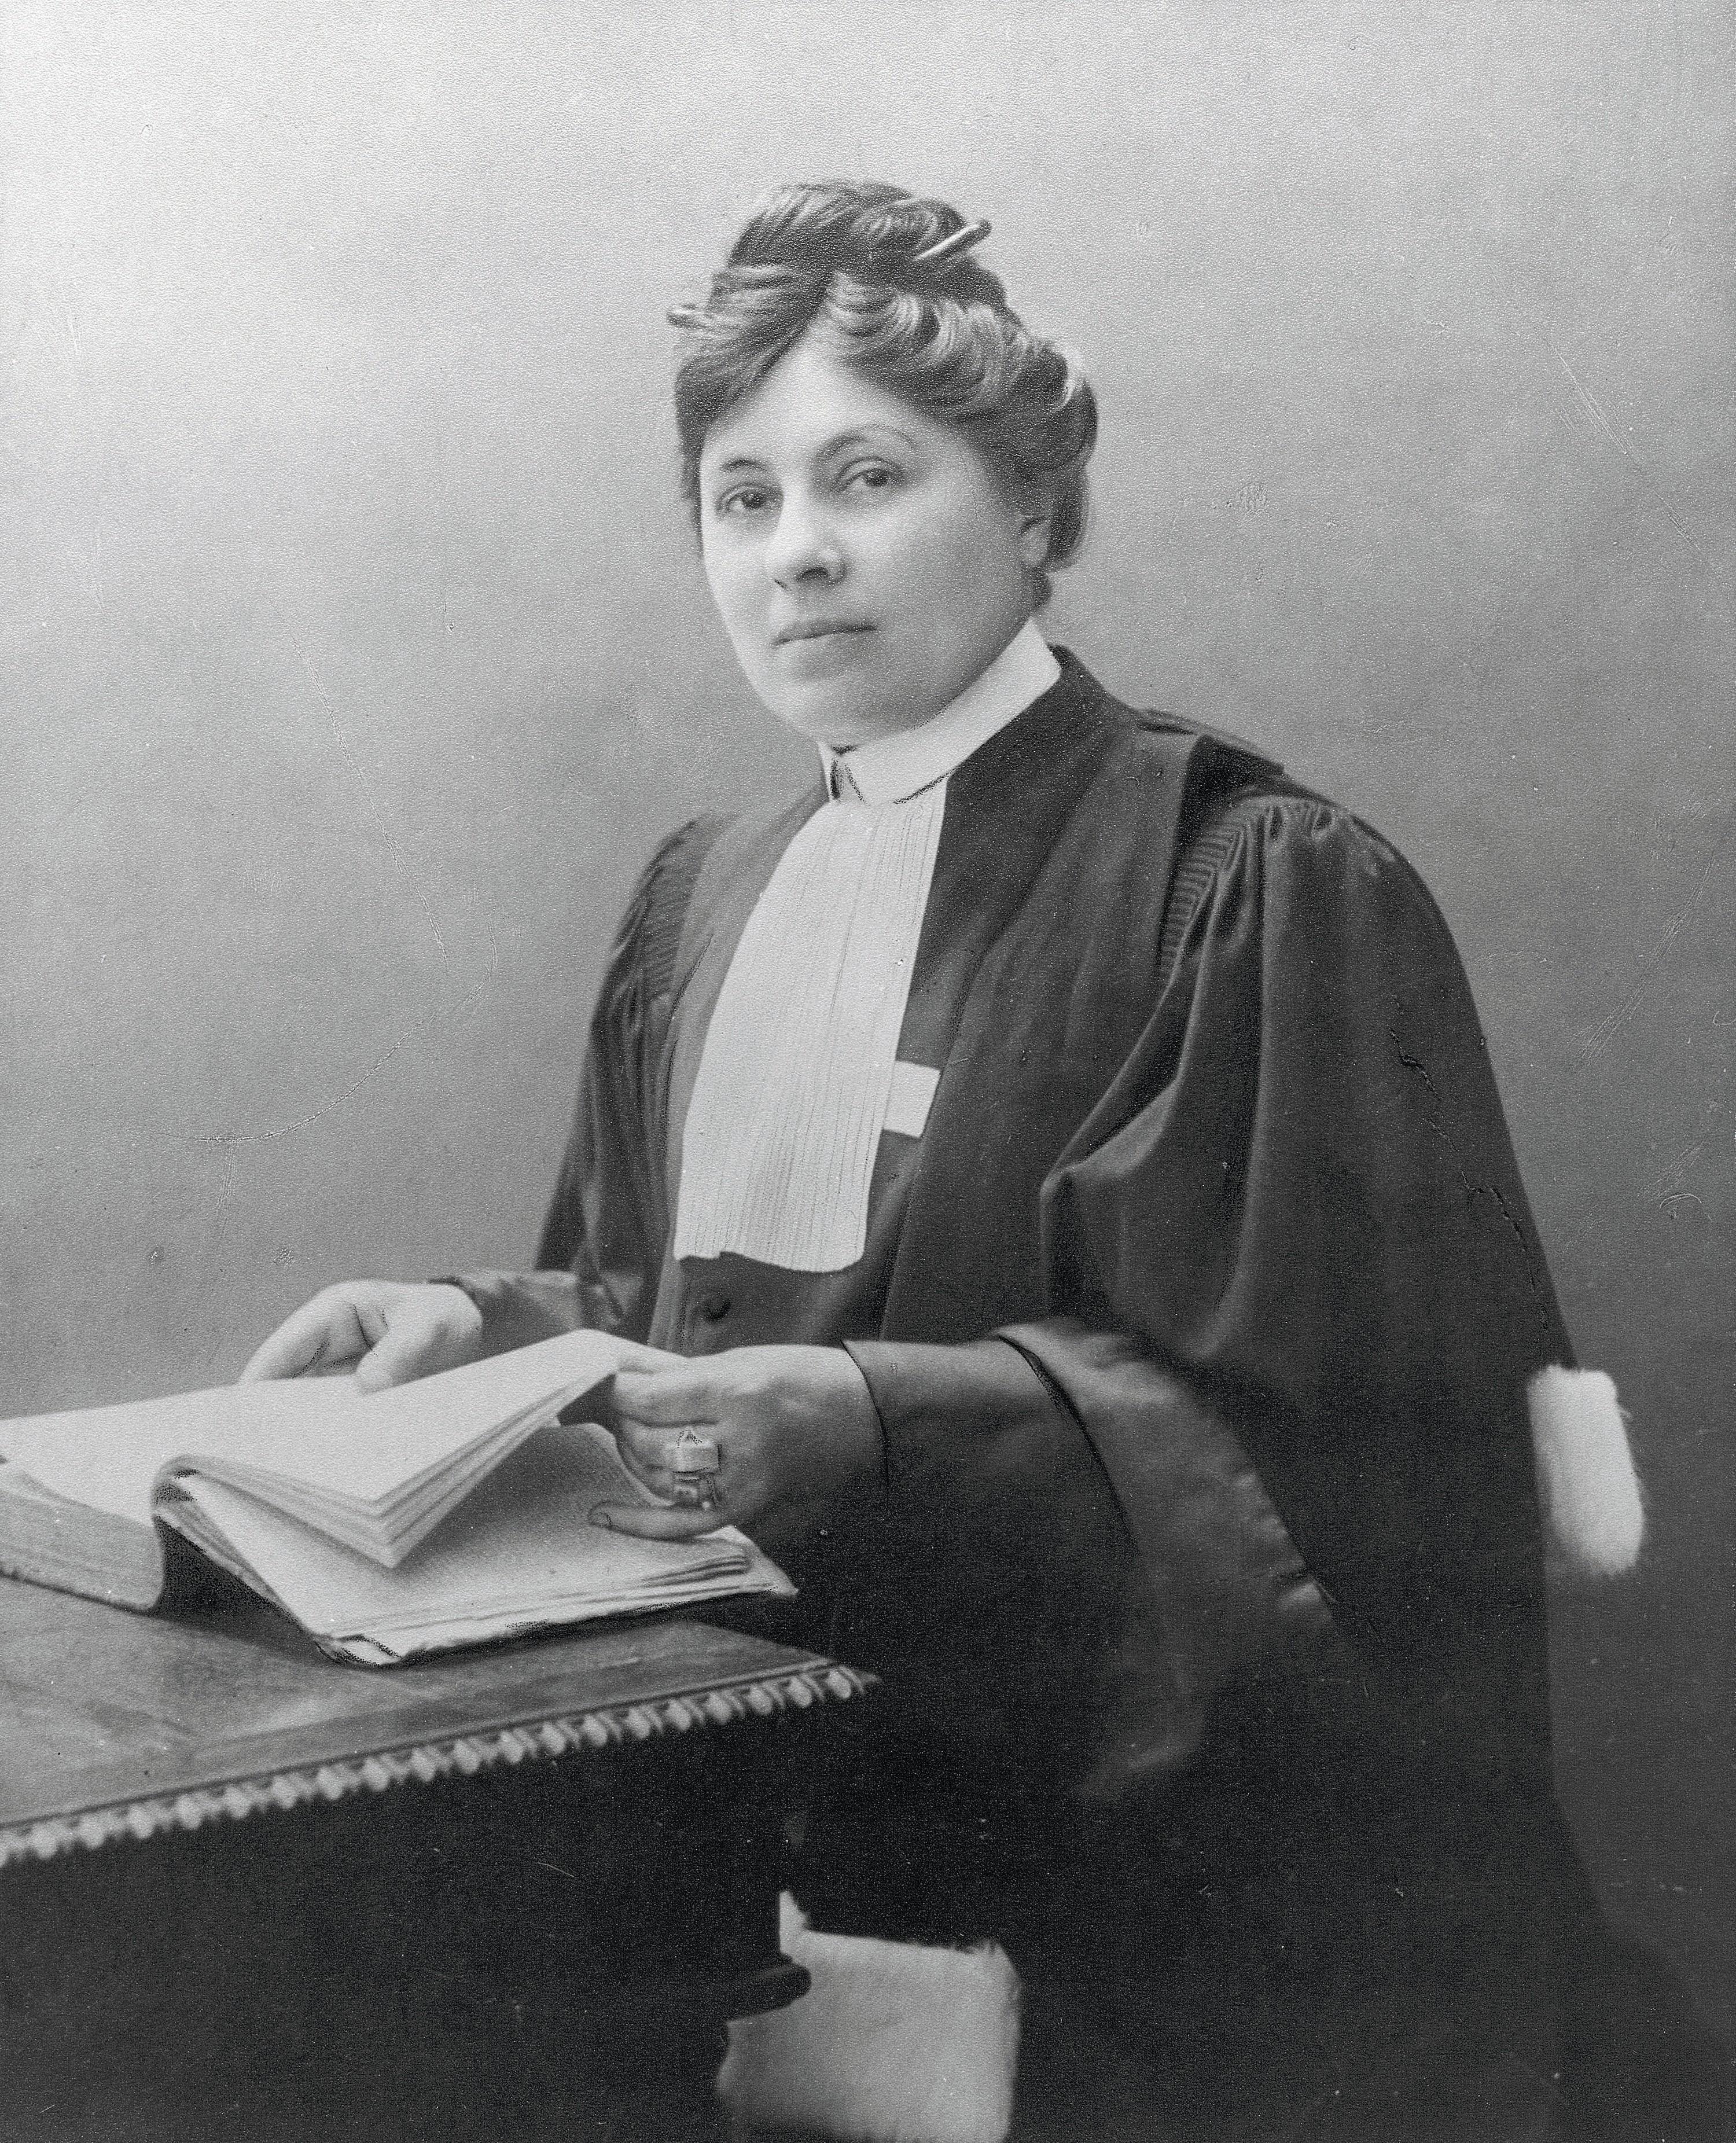 Portrait de Jeanne Chauvin, début du XXe siècle, photographie